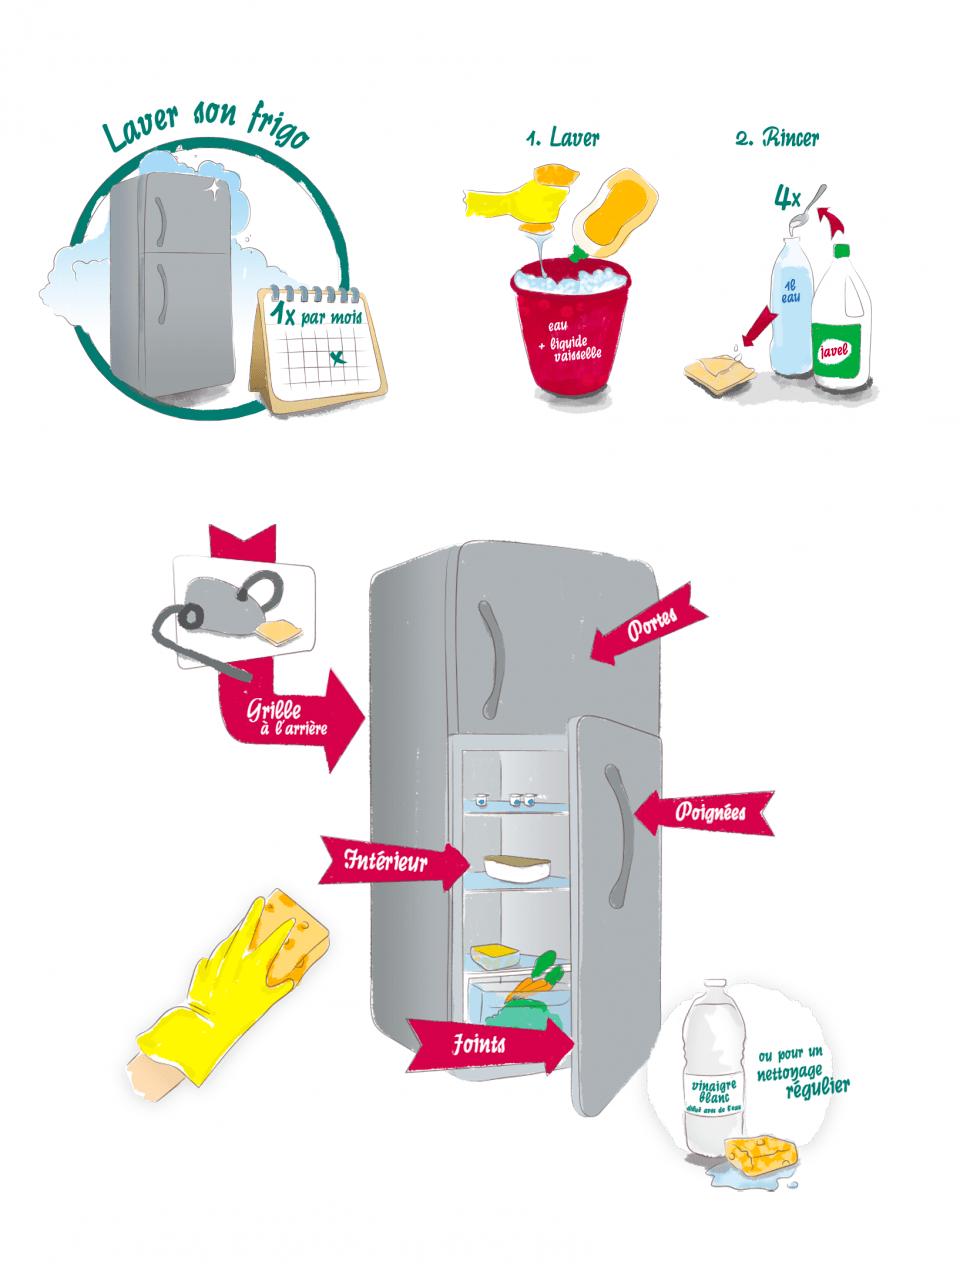 Étapes de nettoyage du frigo